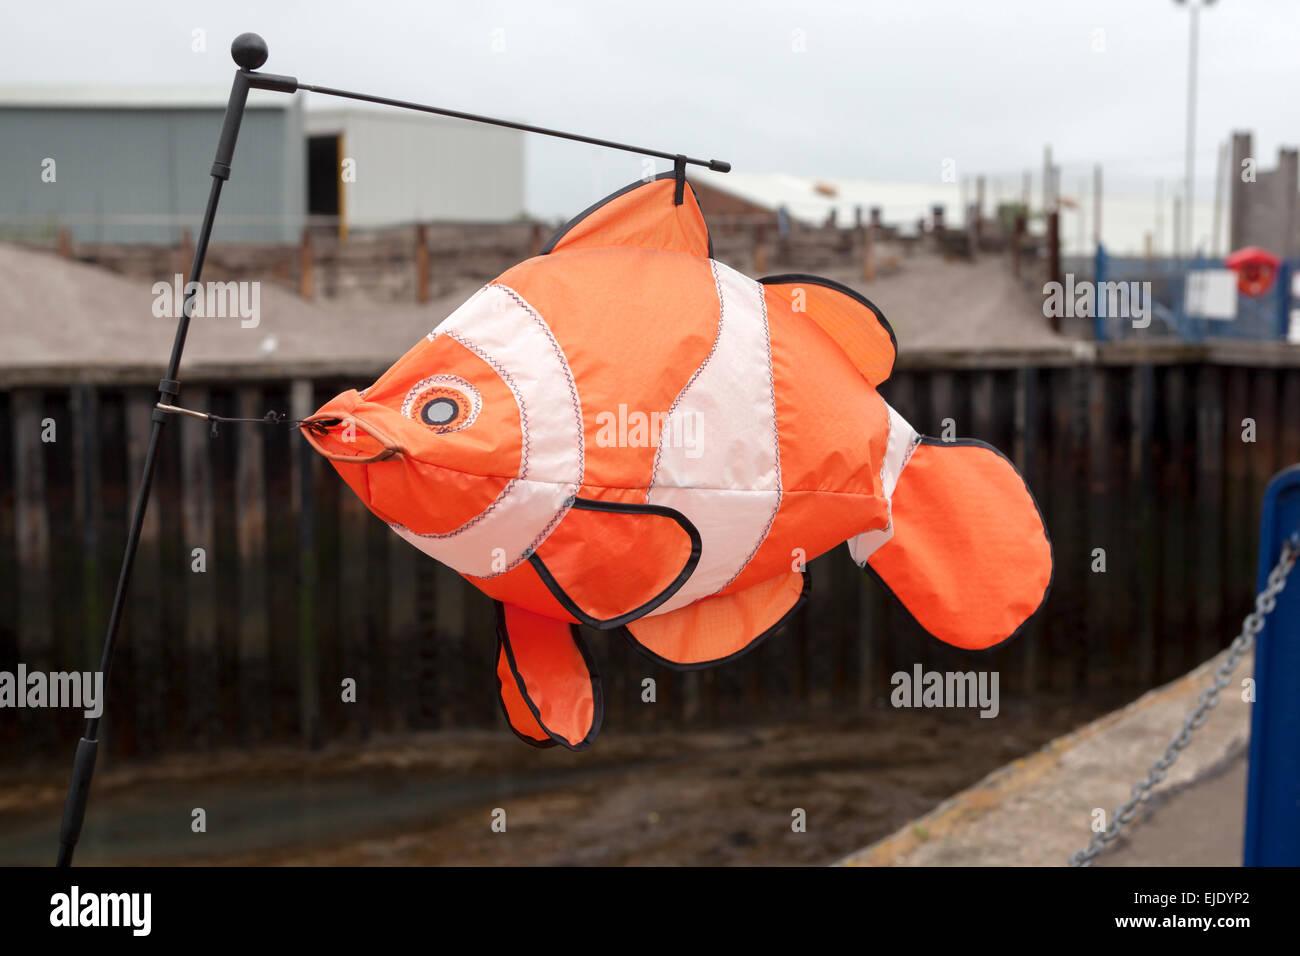 Fish Kite Stock Photos & Fish Kite Stock Images - Alamy